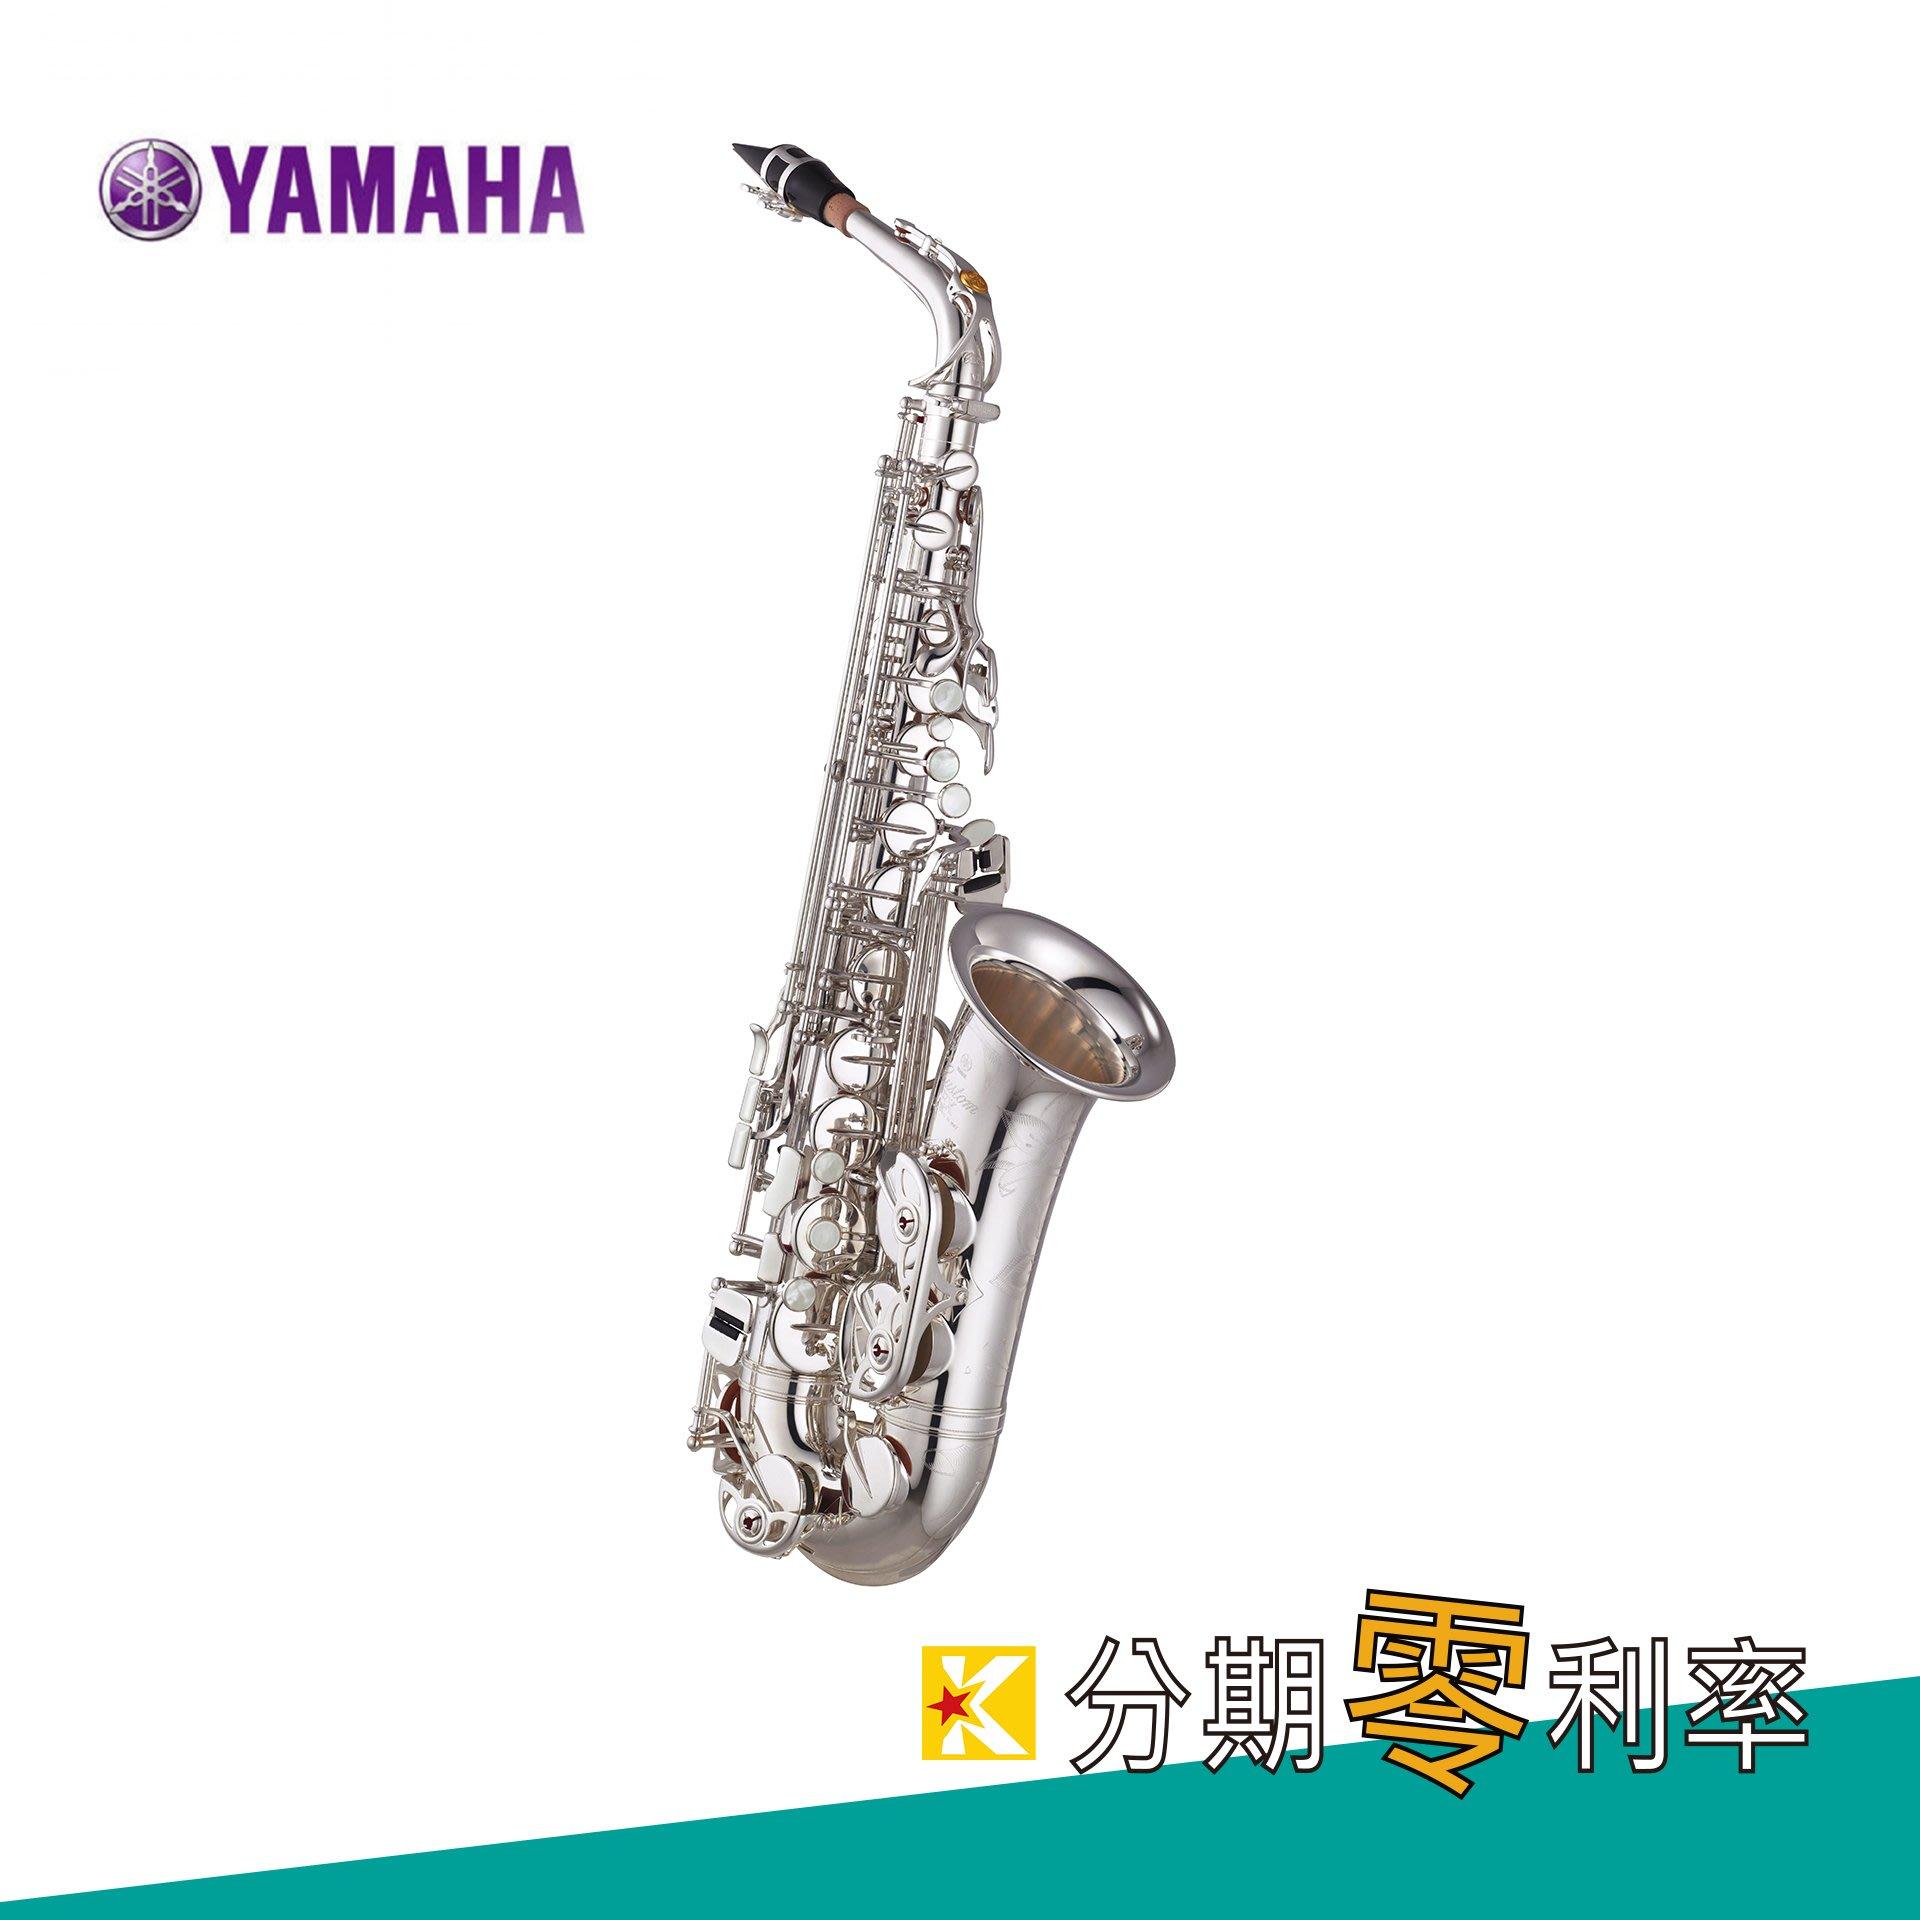 【金聲樂器】YAMAHA YAS875EXS 日本製 EX系列 中音薩克斯風 ALTO SAX YAS-875EXS